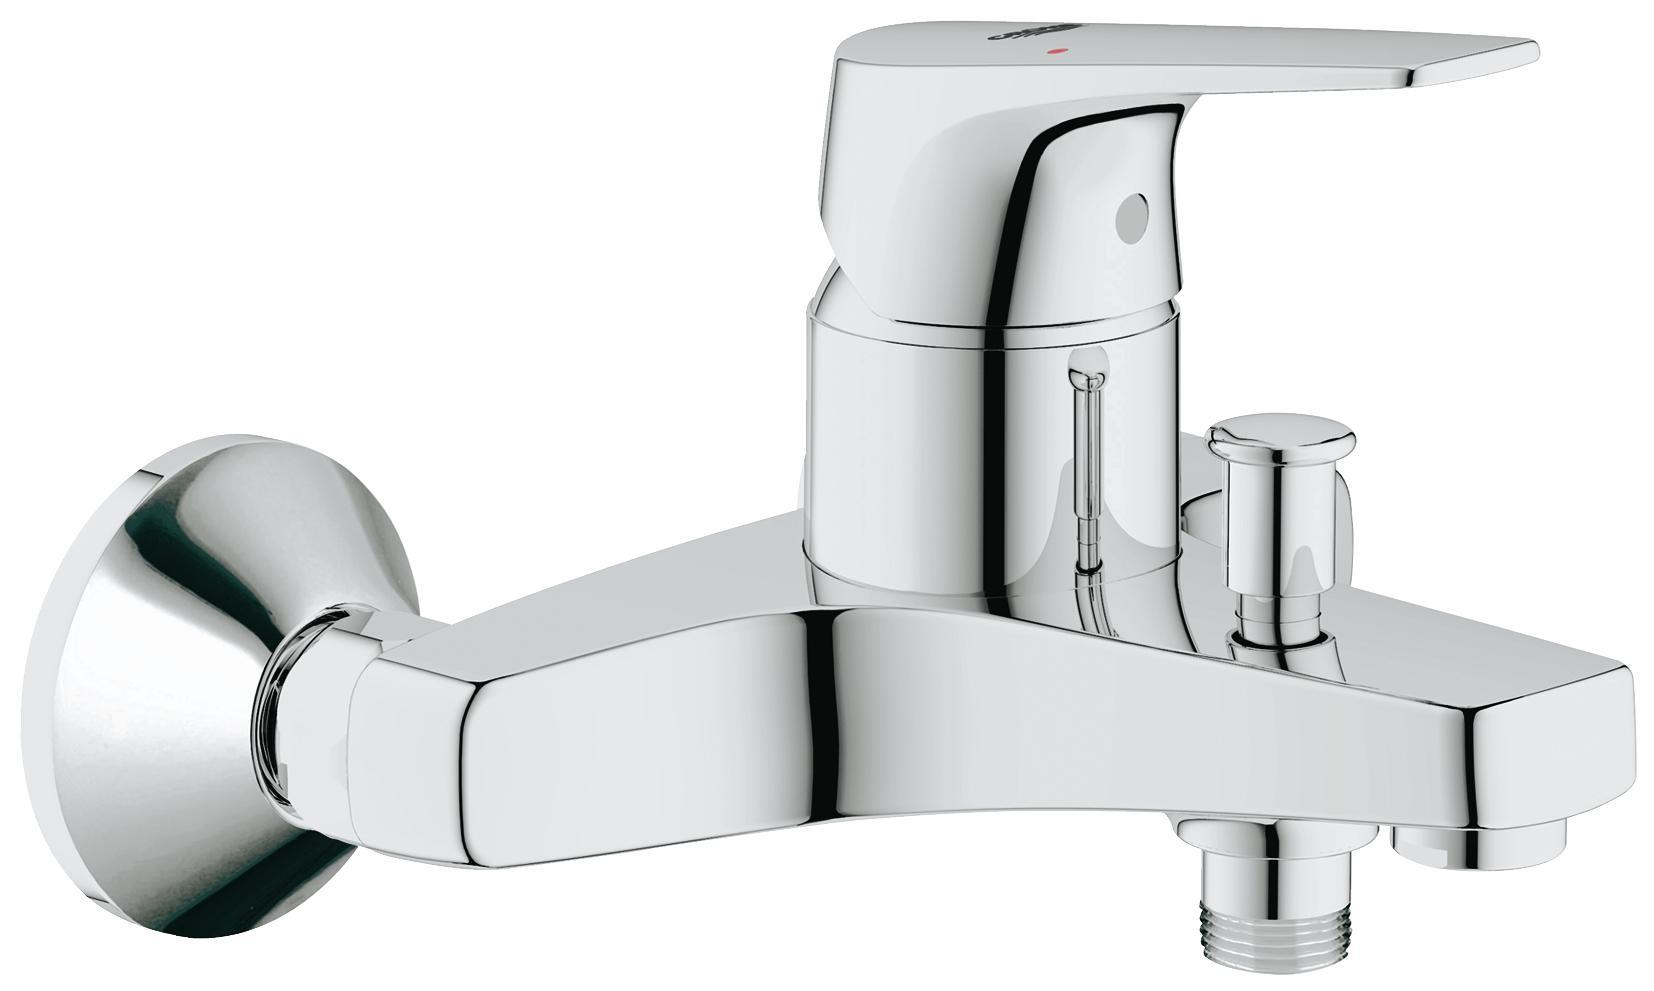 Смеситель для ванны Grohe Bauflow 32811000 смеситель для ванны универсальный am pm chic однорычажный цвет хром